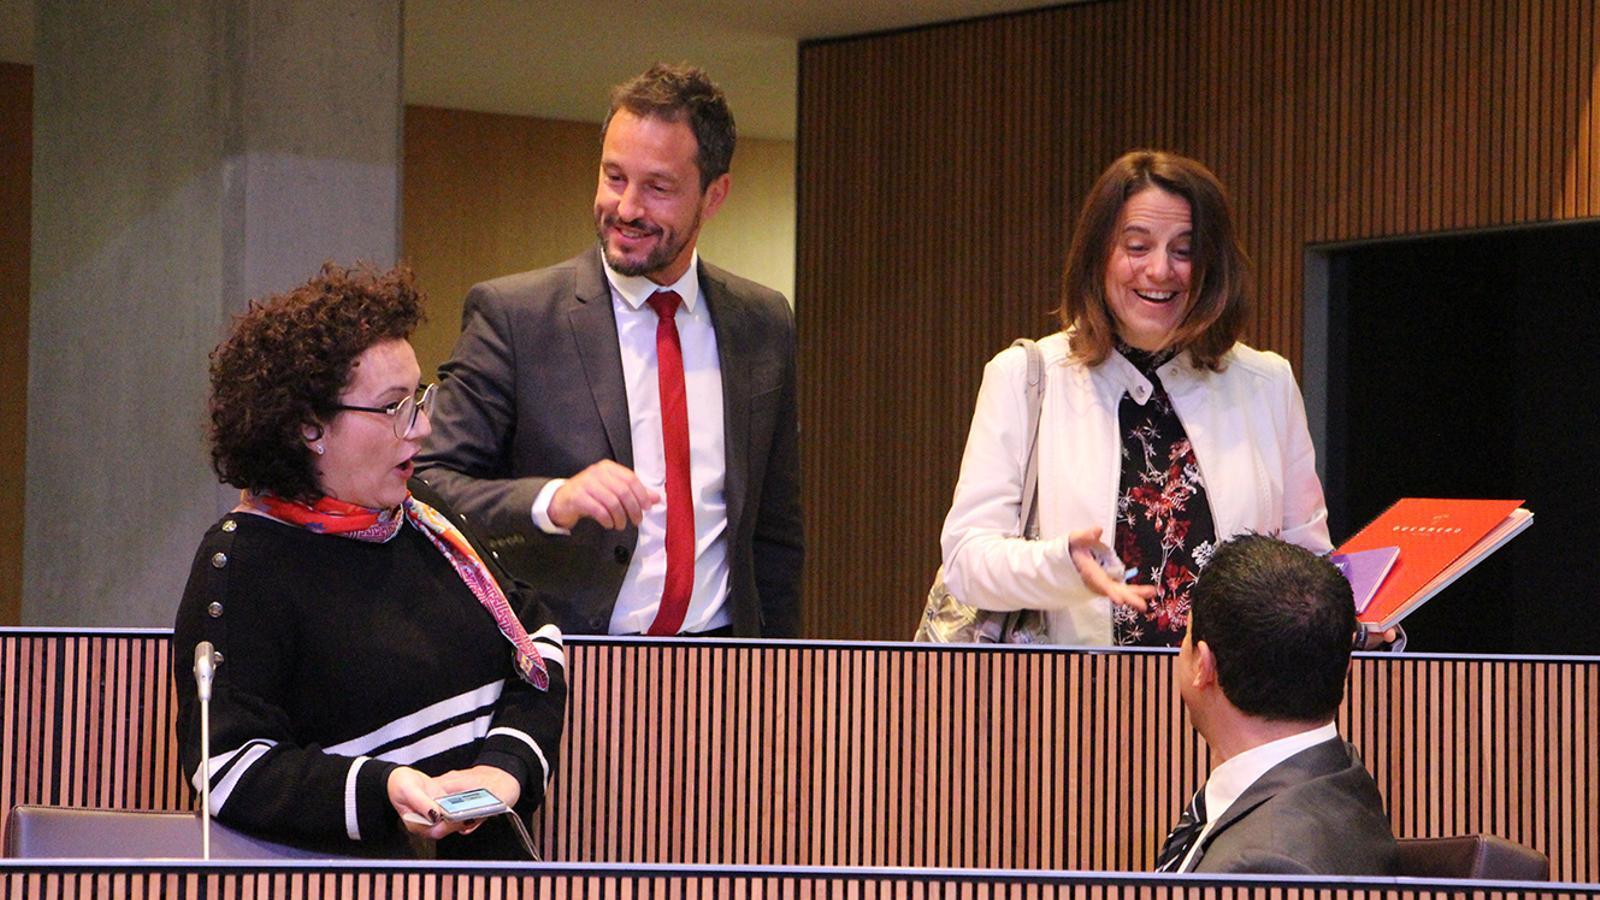 Els consellers liberals en la seva nova ubicació a la cambra conversen amb els consellers del PS, que anteriorment ocupaven aquestes cadires. / M. M. (ANA)